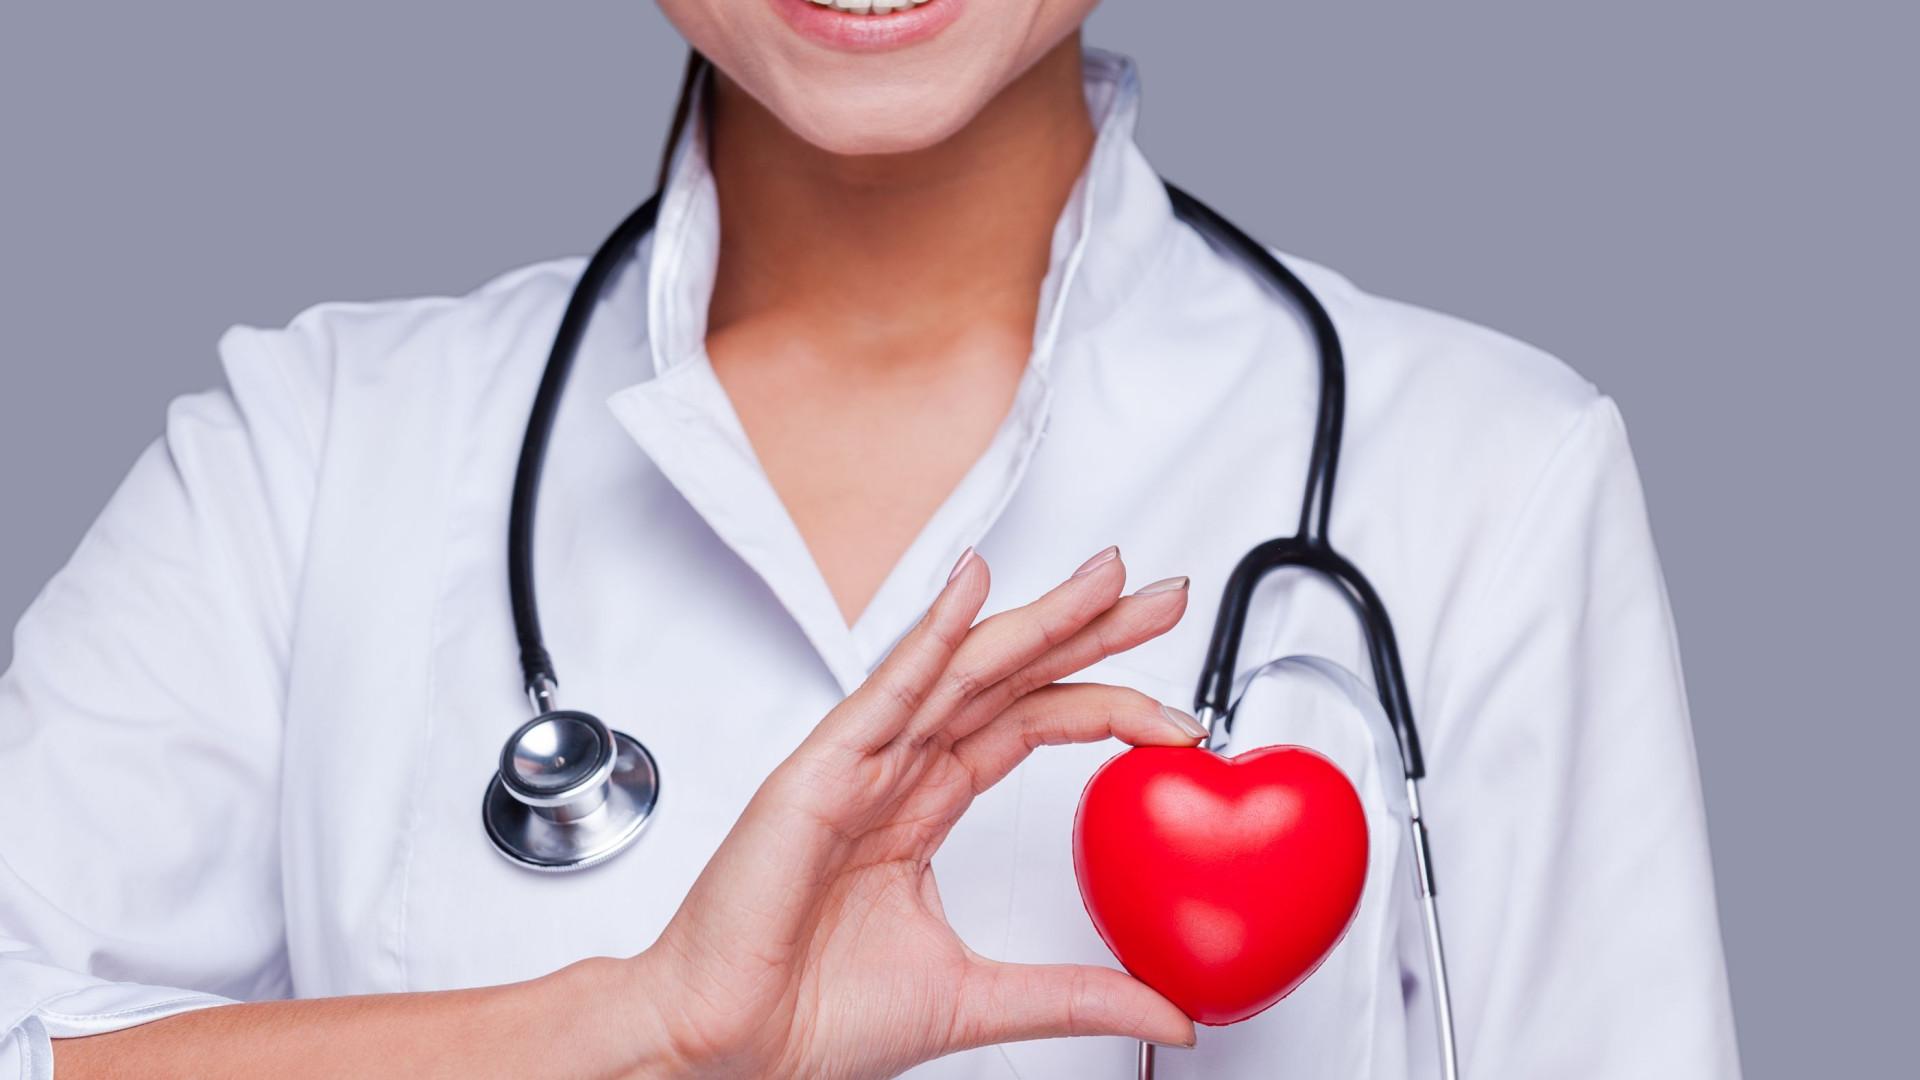 Criado dispositivo para administrar tratamentos diretamente no coração